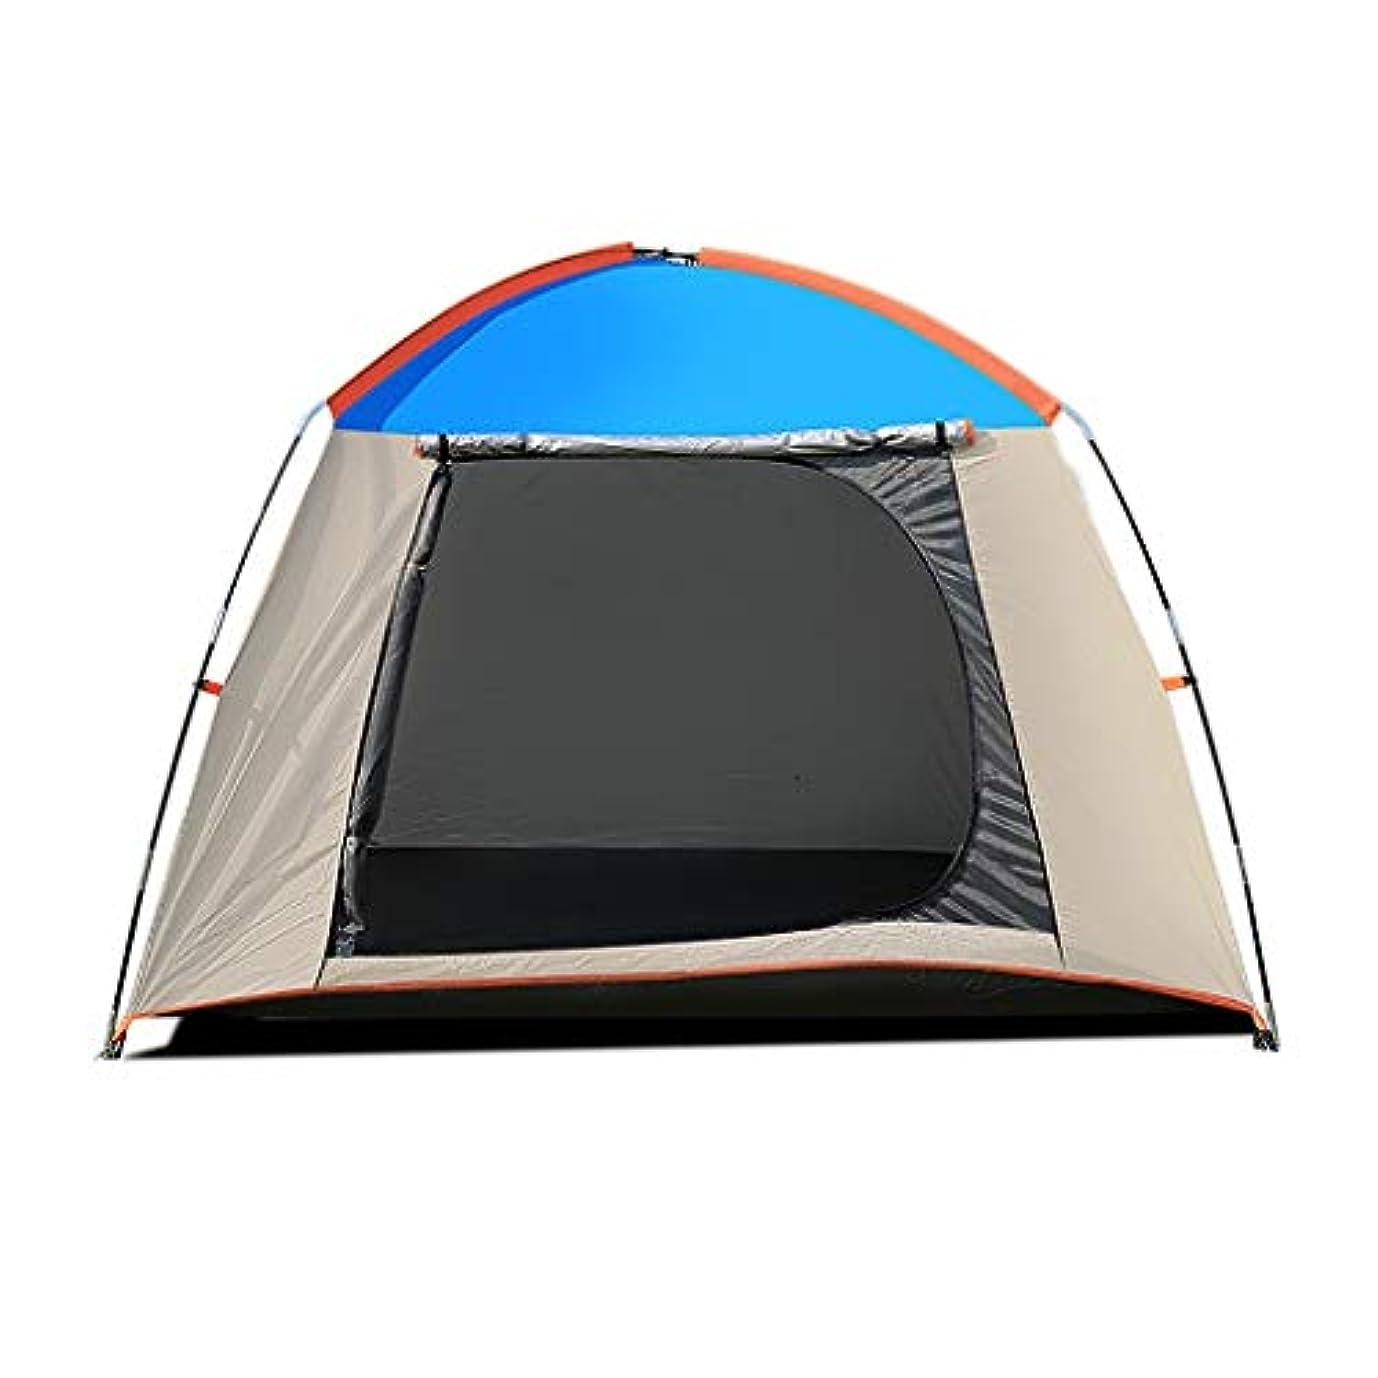 ディベート省略するまもなくテント屋外2人防雨厚いキャンプキャンプダブルポール建設耐候性インスタントトゥーラーユニセックス屋外ドームテント